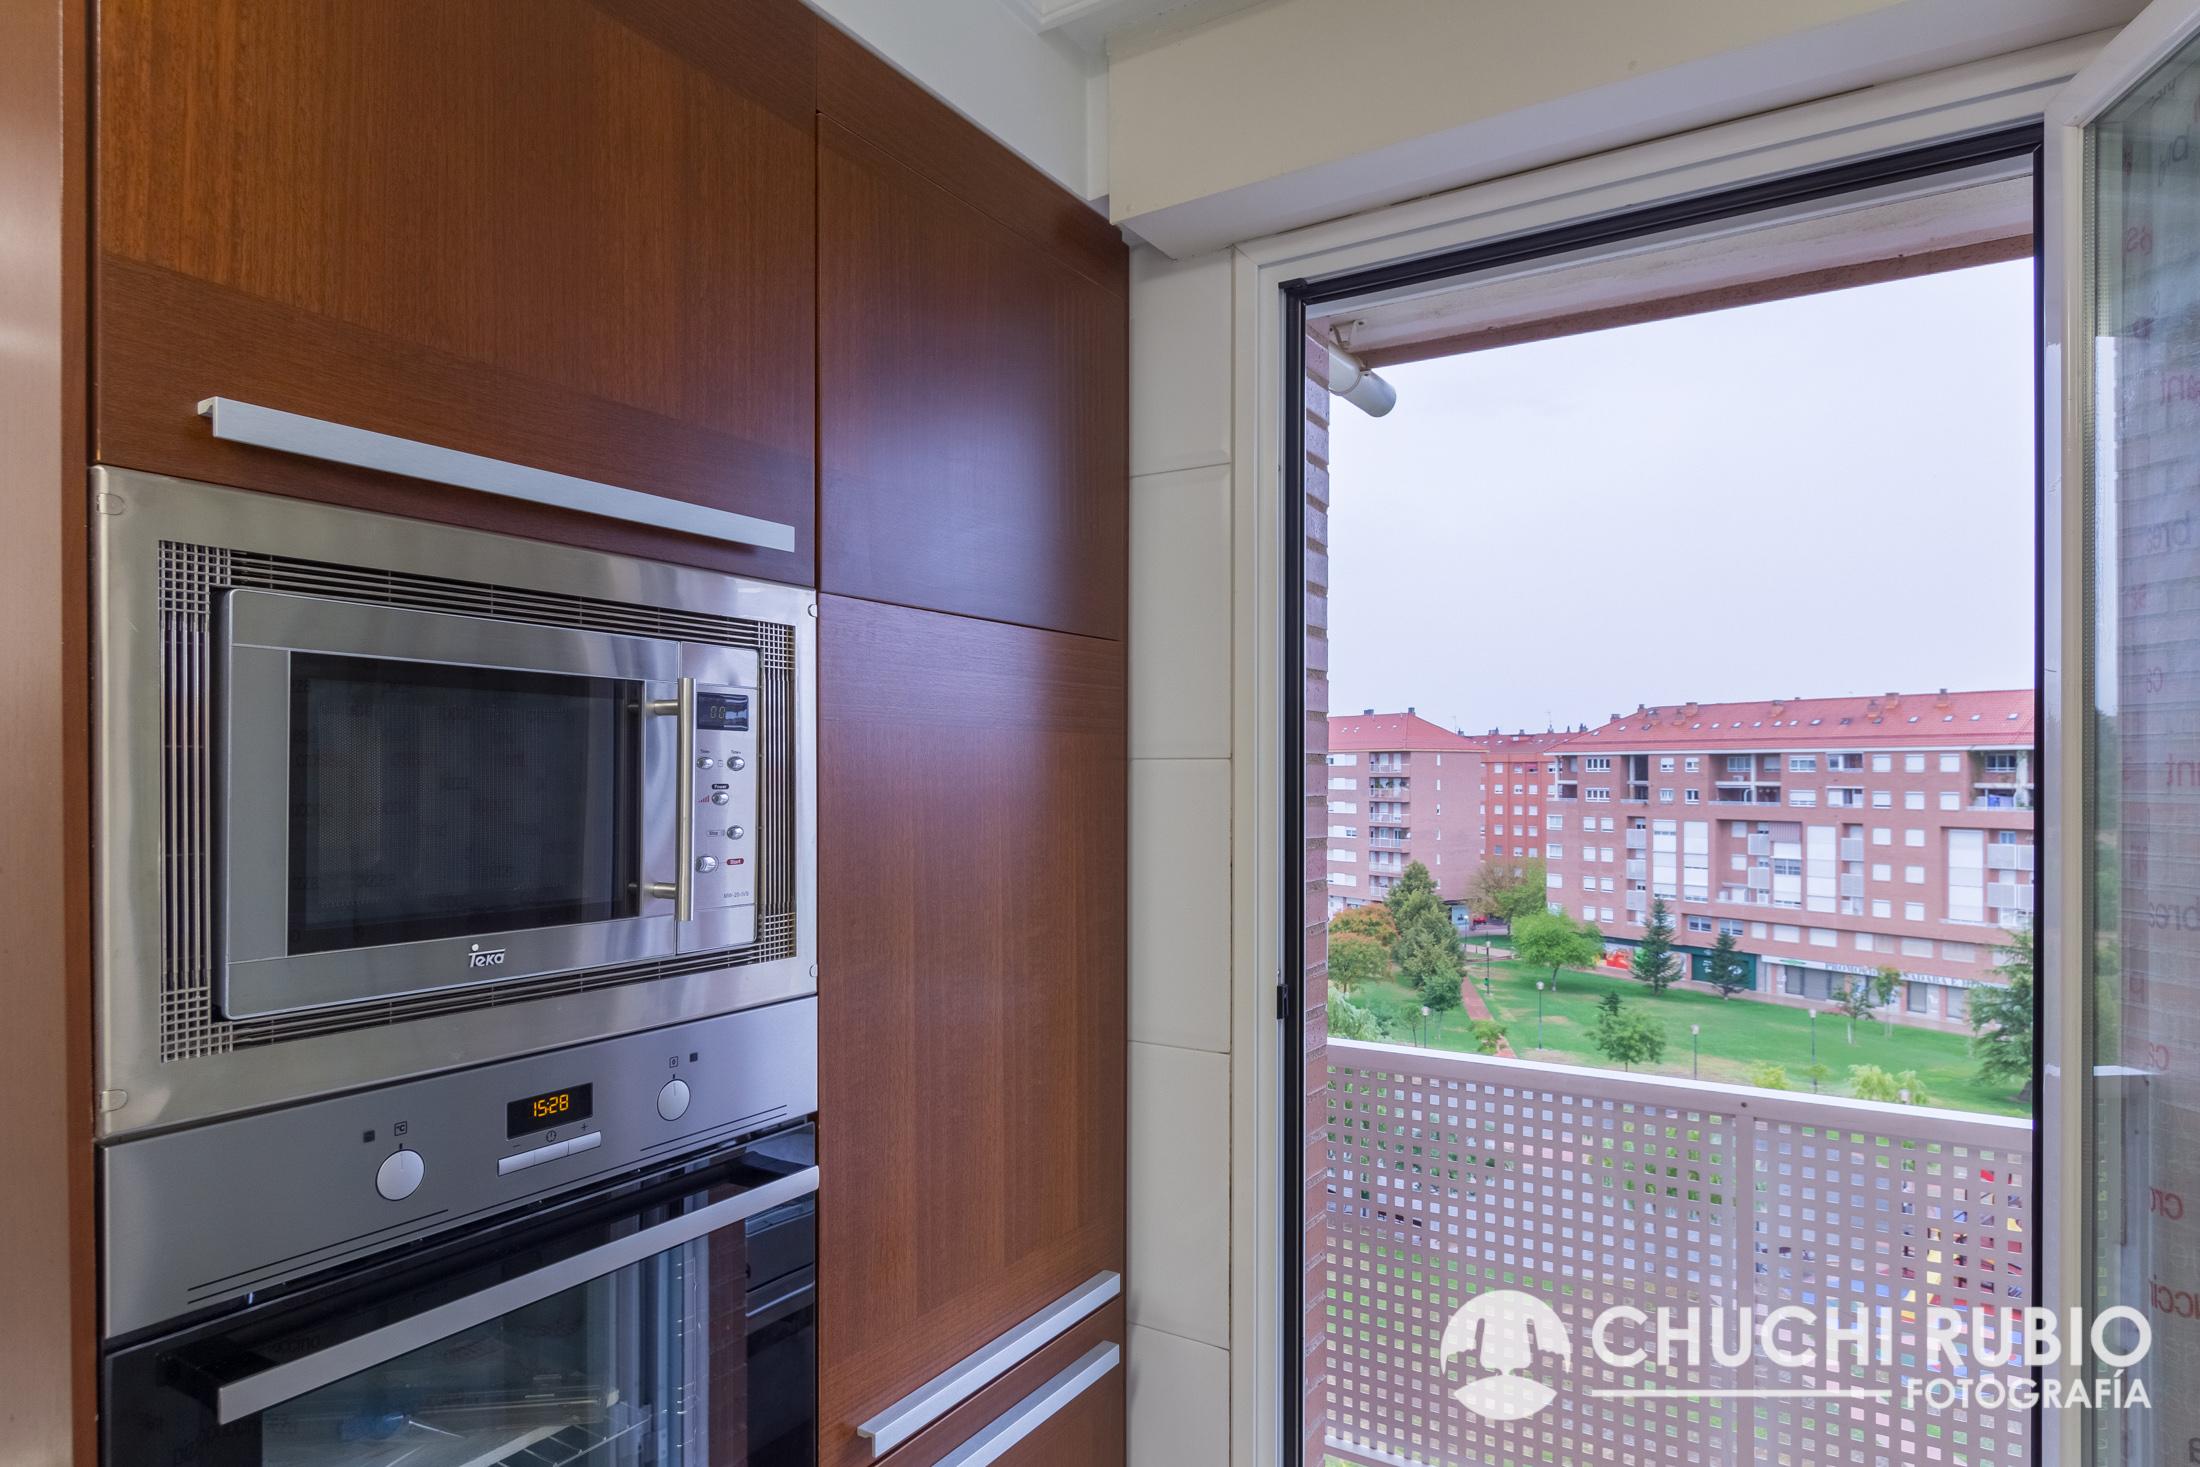 IMG 1109 HDR - Fotografía para Inmobiliarias, venta de pisos, locales...